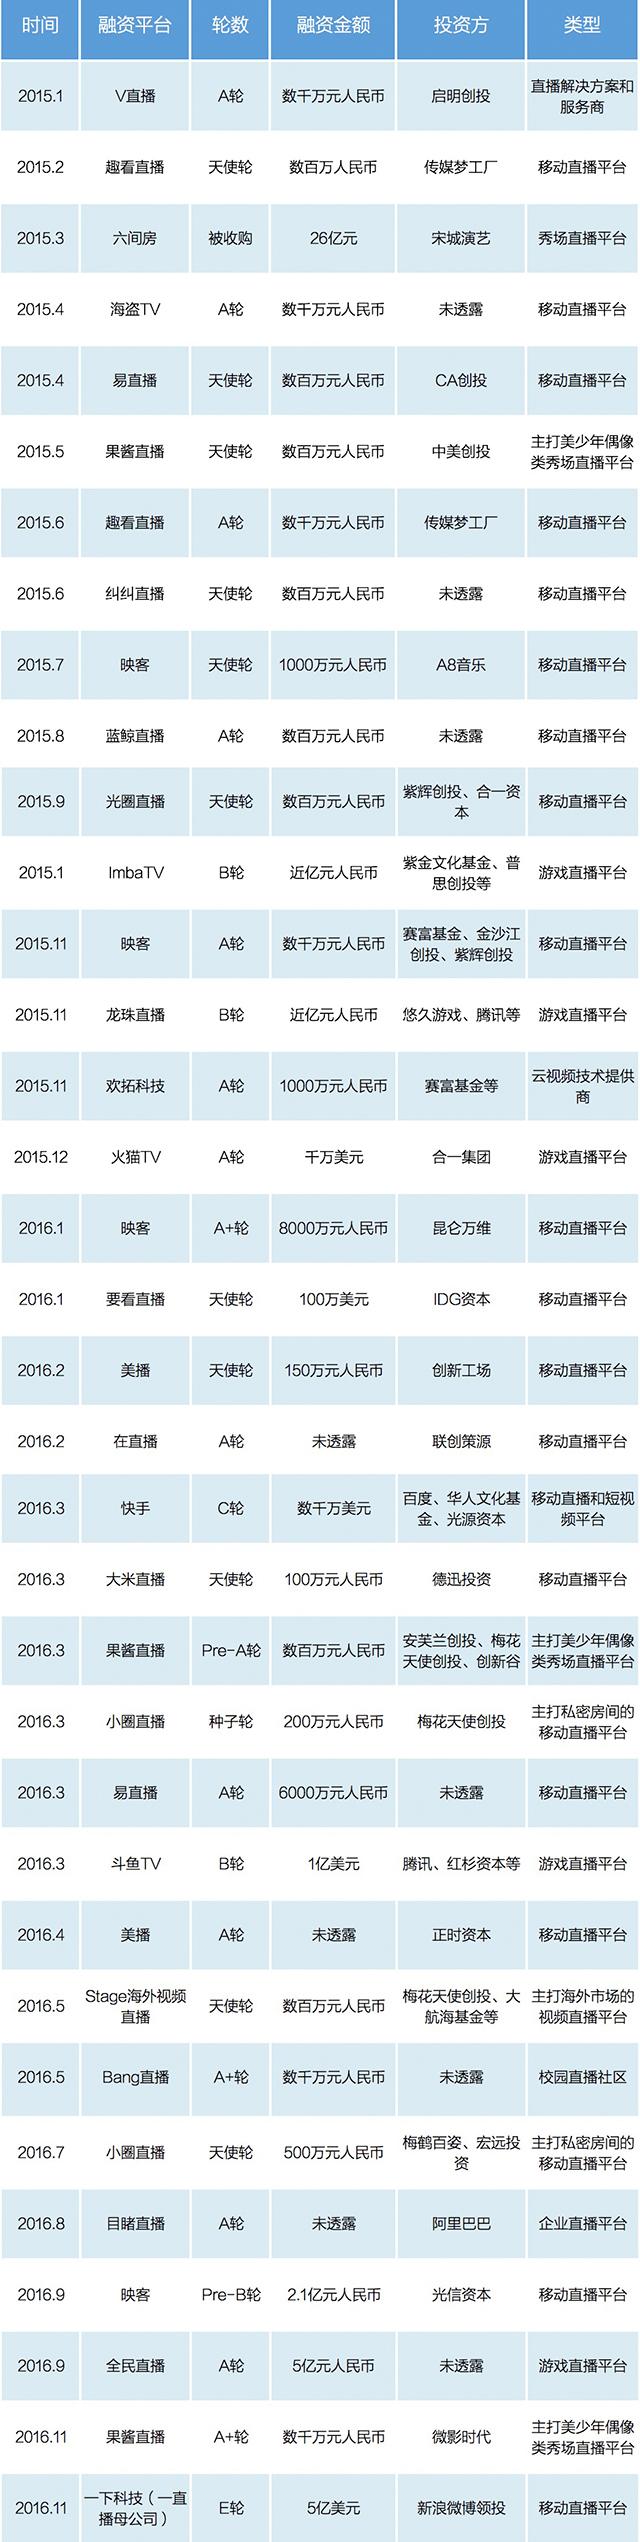 2015-2016年直播平台主要融资事件